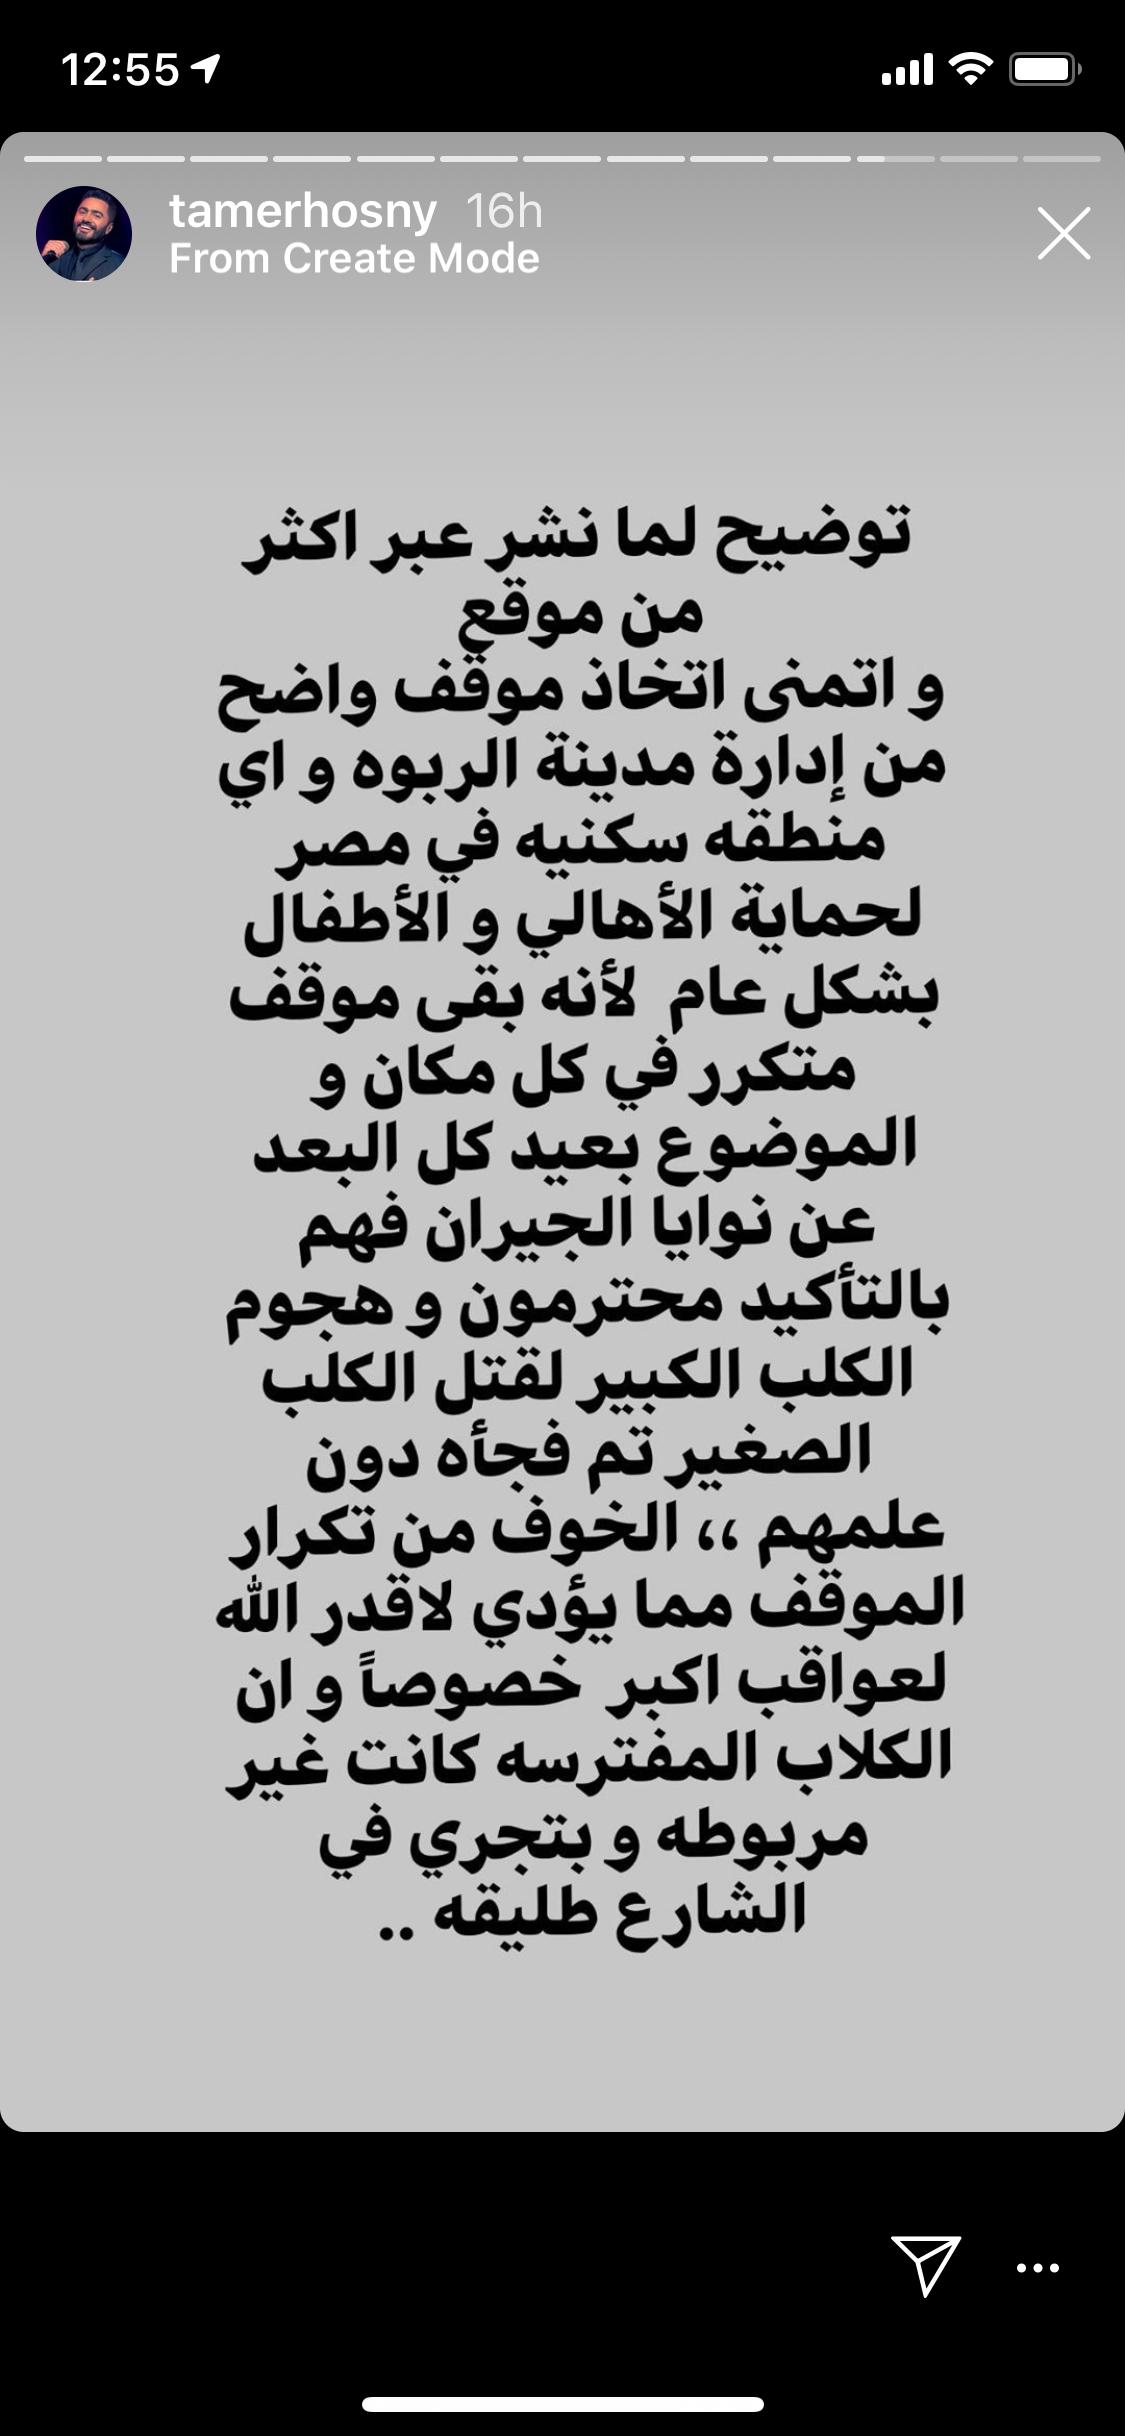 توضيح تامر حسني على ستوري انستغرام